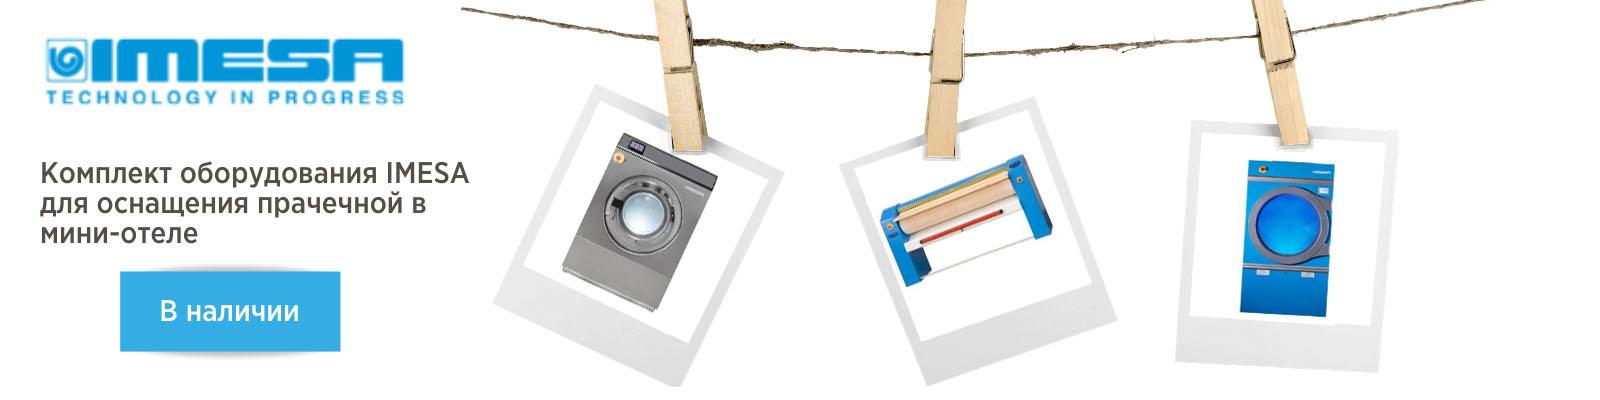 Комплект прачечного оборудования IMESA в наличии